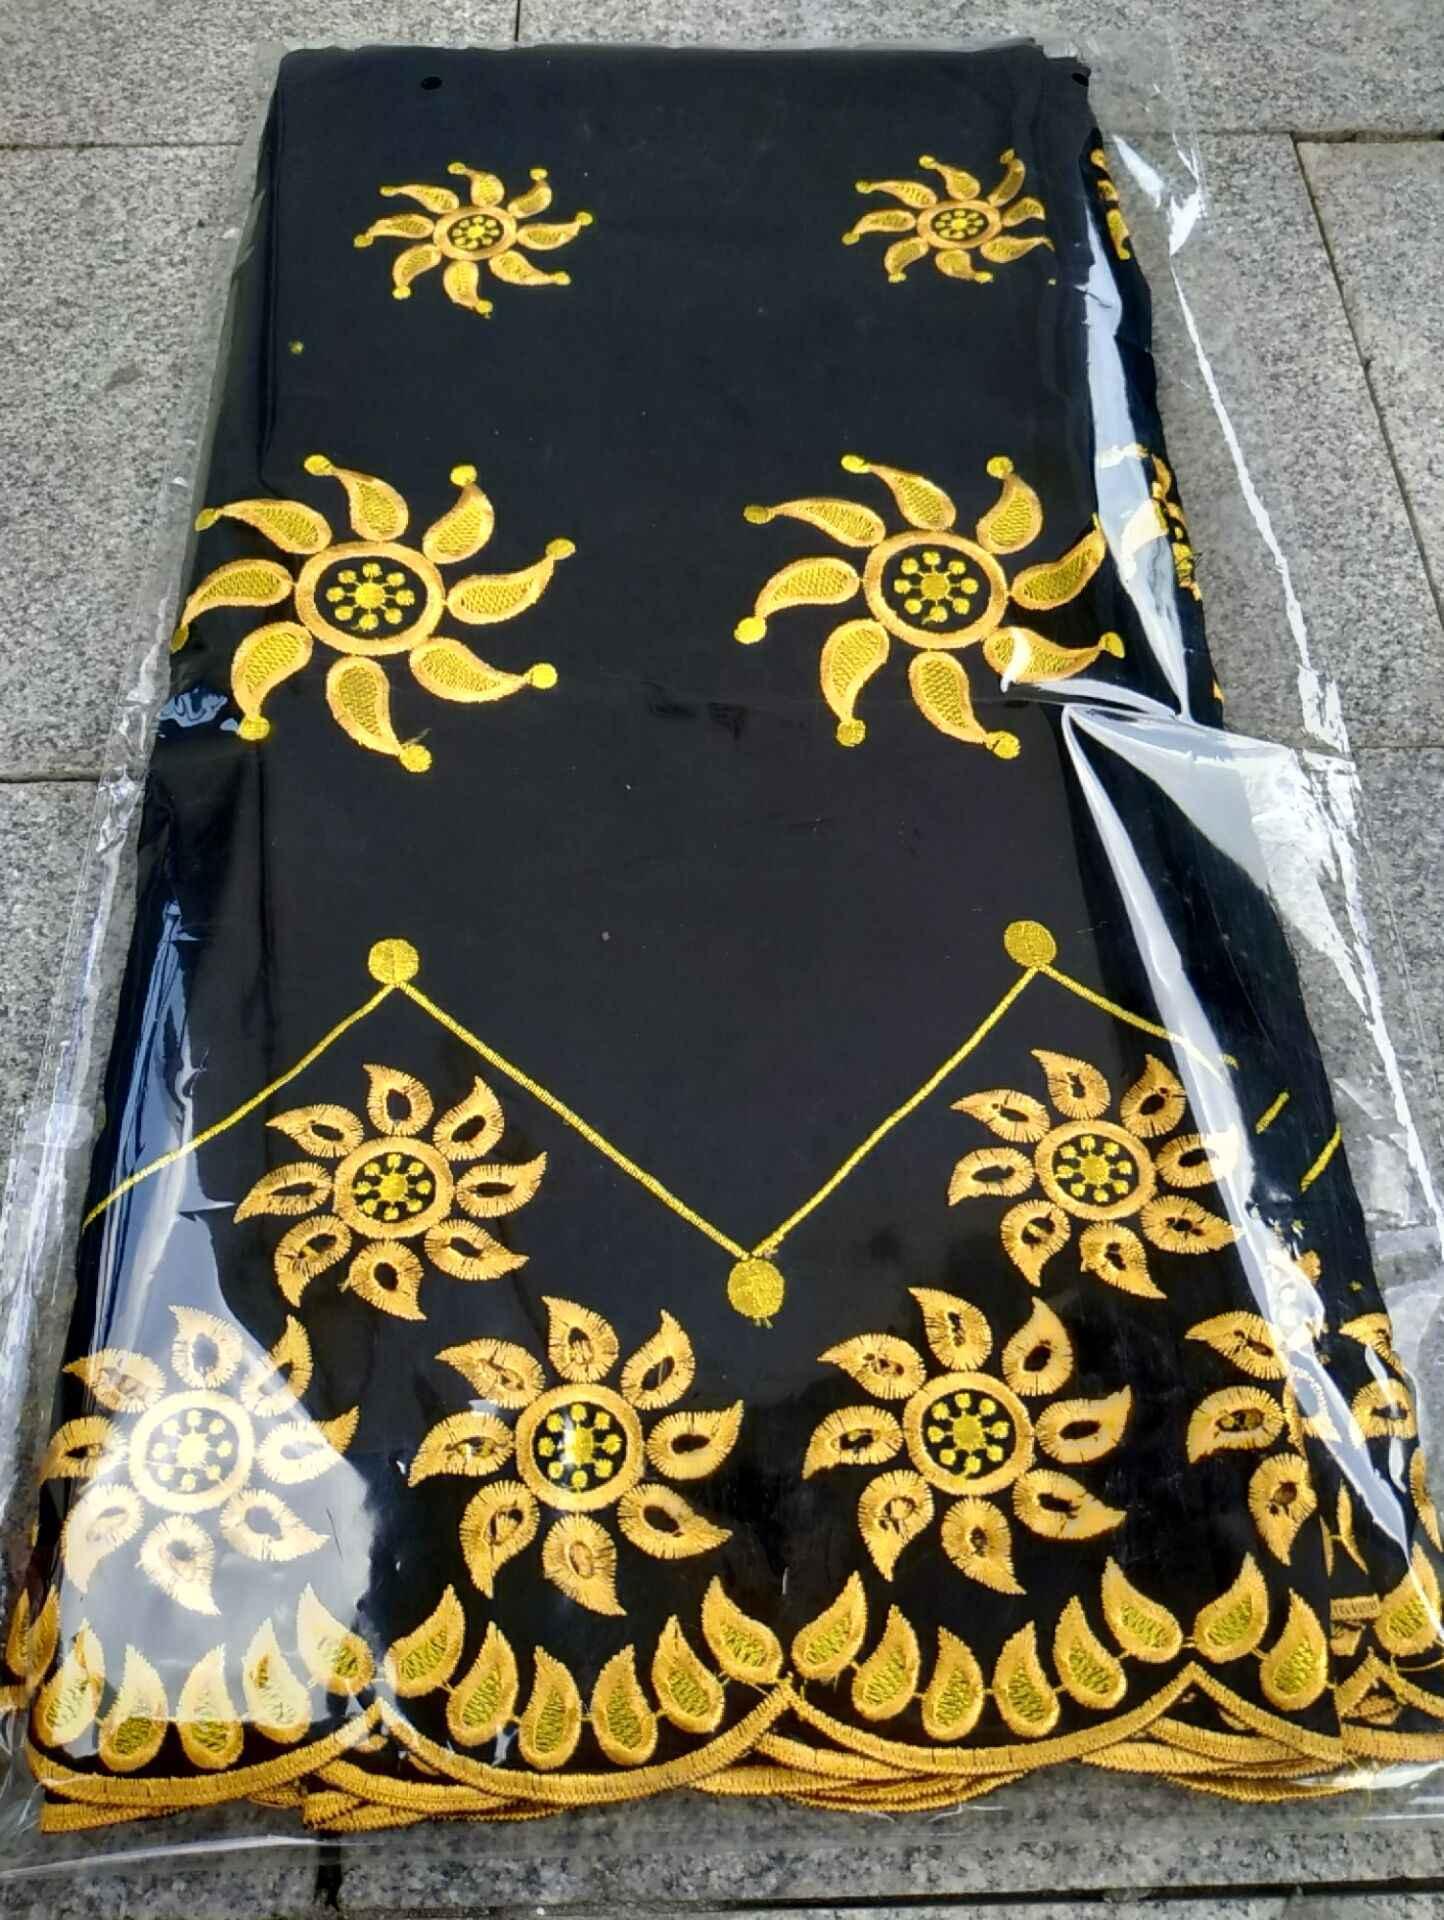 Африканская белая кружевная ткань швейцарская вуаль кружева в швейцарской парча жаккардовая ткань из Дубая нигерийская Кружевная повязка на голову 7 ярдов/комплект